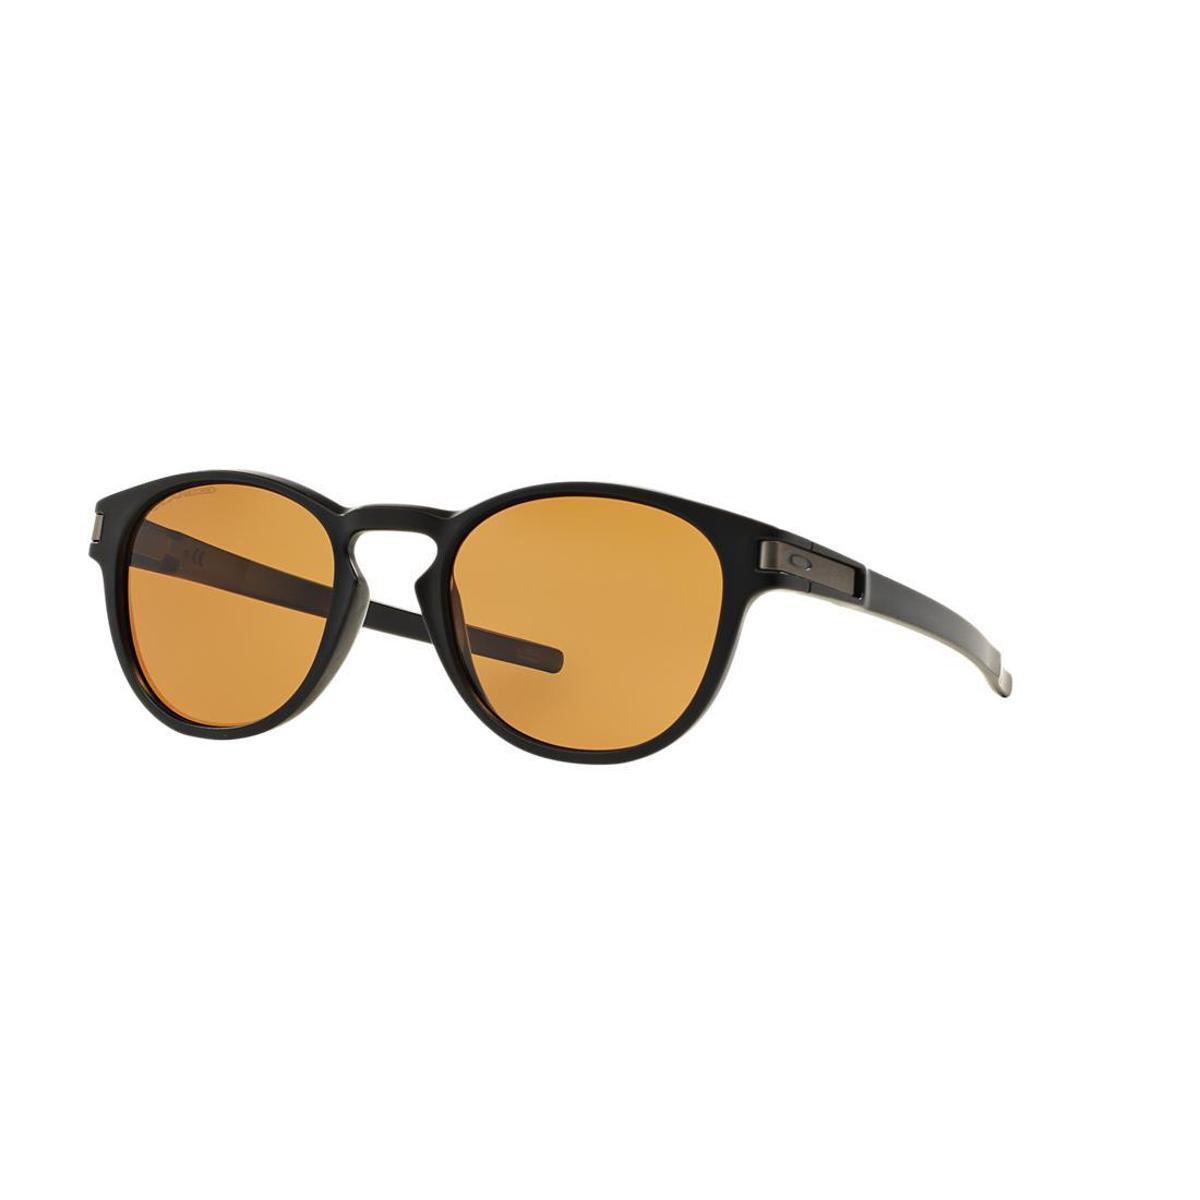 5e7c9e8353b70 Óculos de Sol Oakley OO9265 Latch - Compre Agora